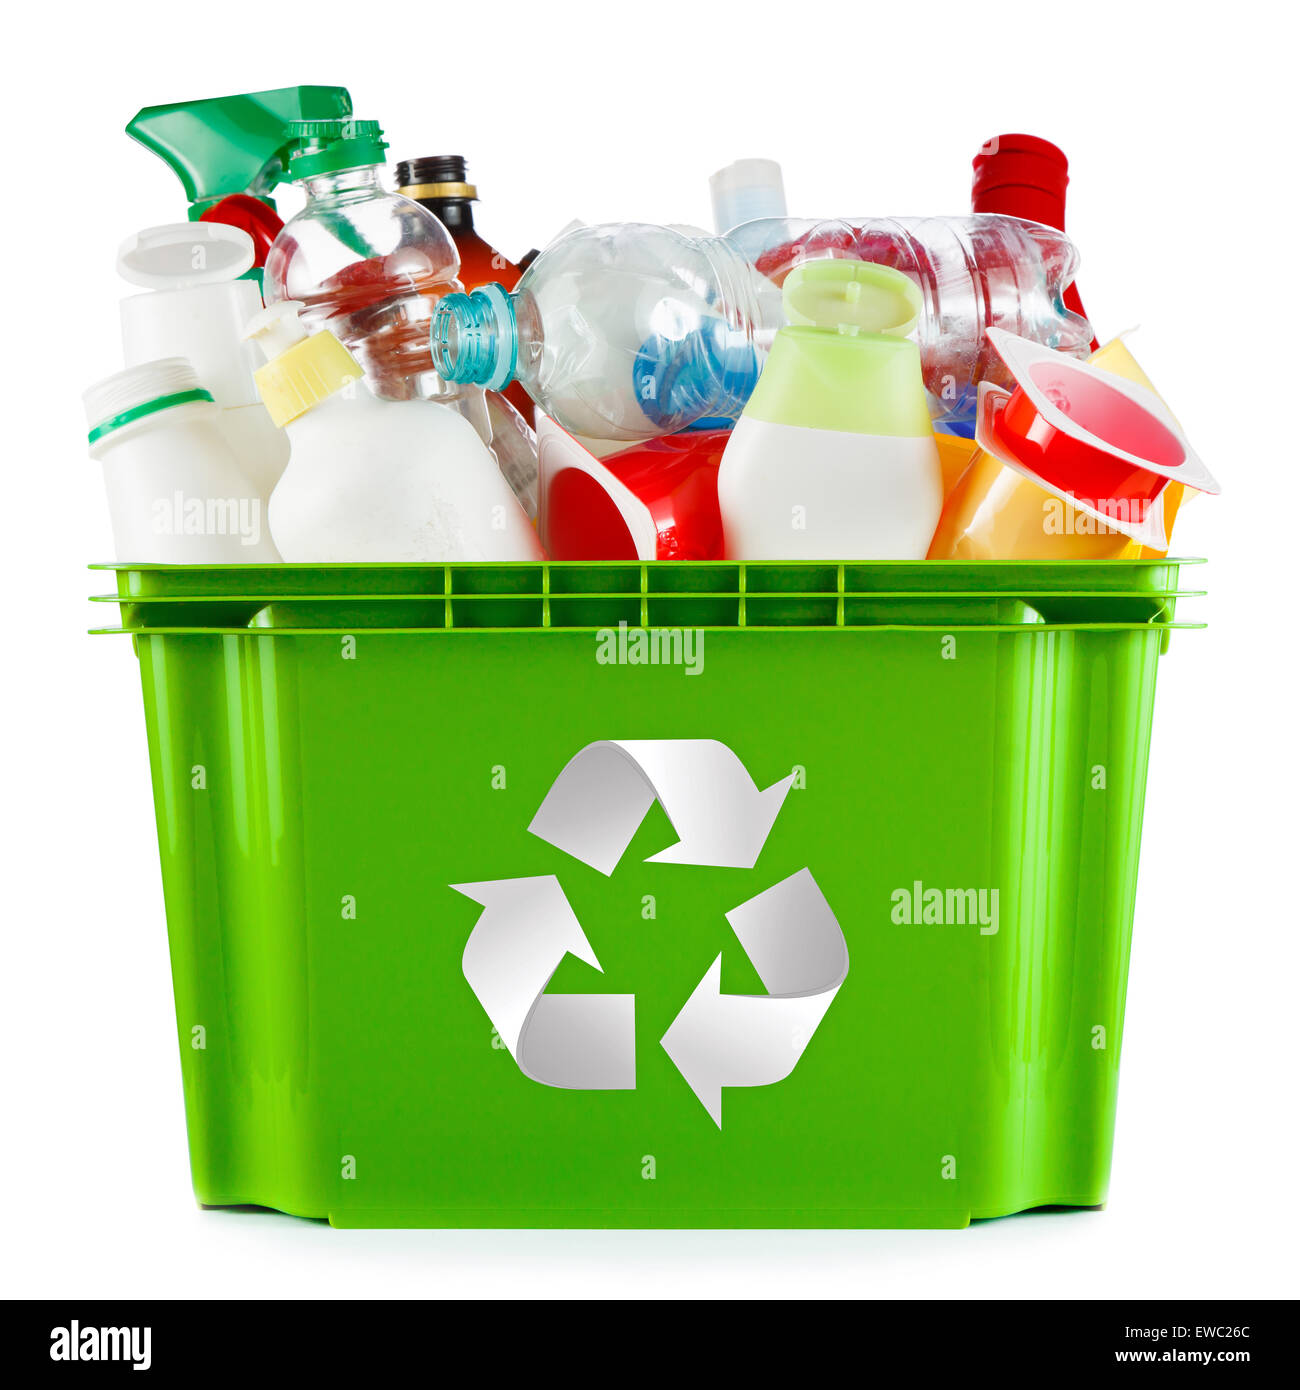 Concetto di riciclaggio - cassone pieno di svuotare i contenitori in plastica e bottiglie Immagini Stock